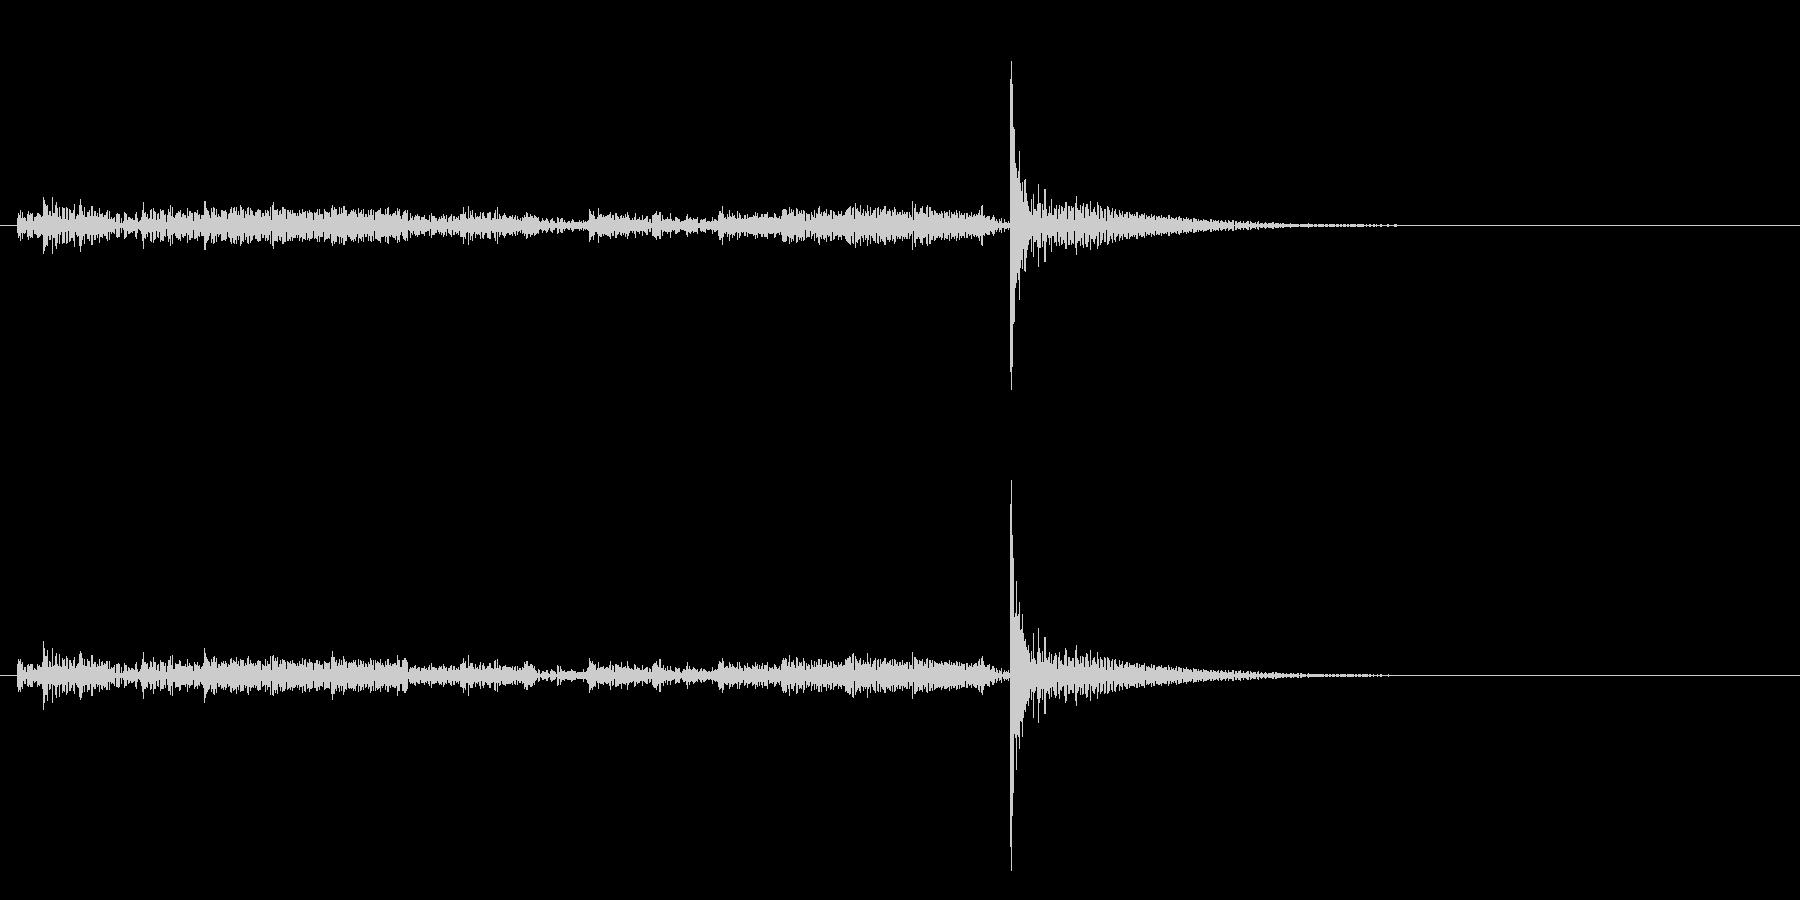 「ドロドロ…」大太鼓のフレーズ音+FXの未再生の波形